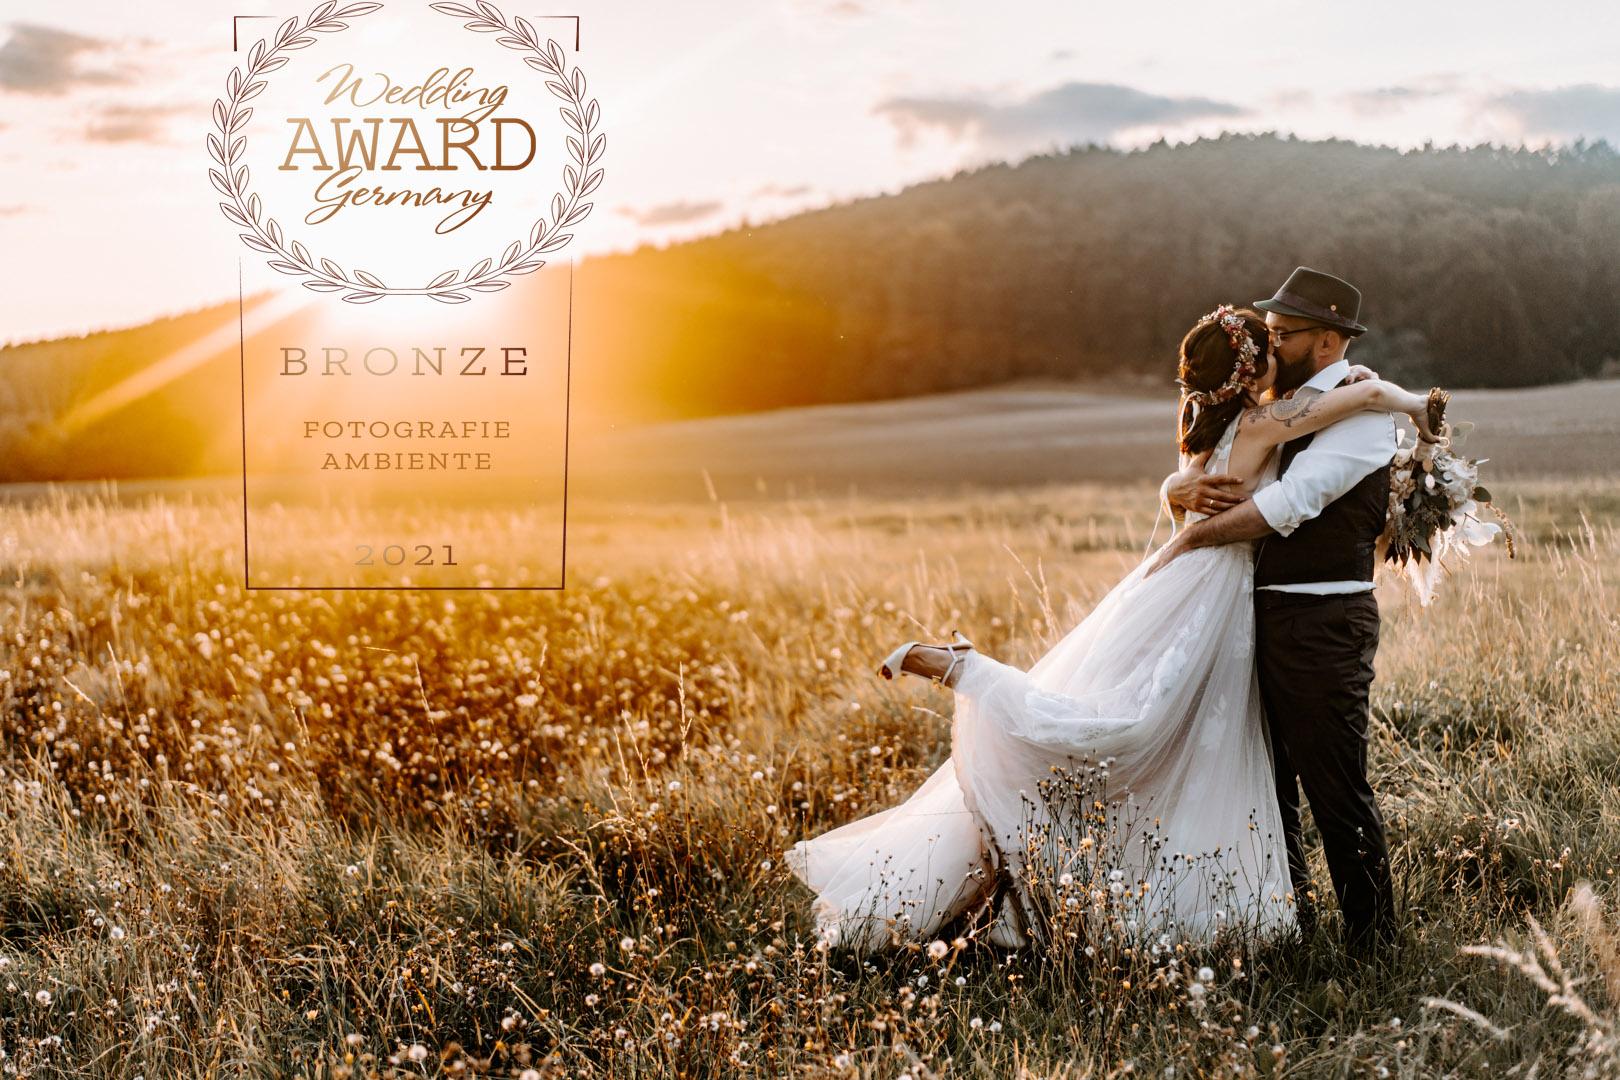 Boho Waldhochzeit Rittergut Positz Sunsetshooting Wedding Award Germany Hochzeitsfotograf Halle Saale Leipzig